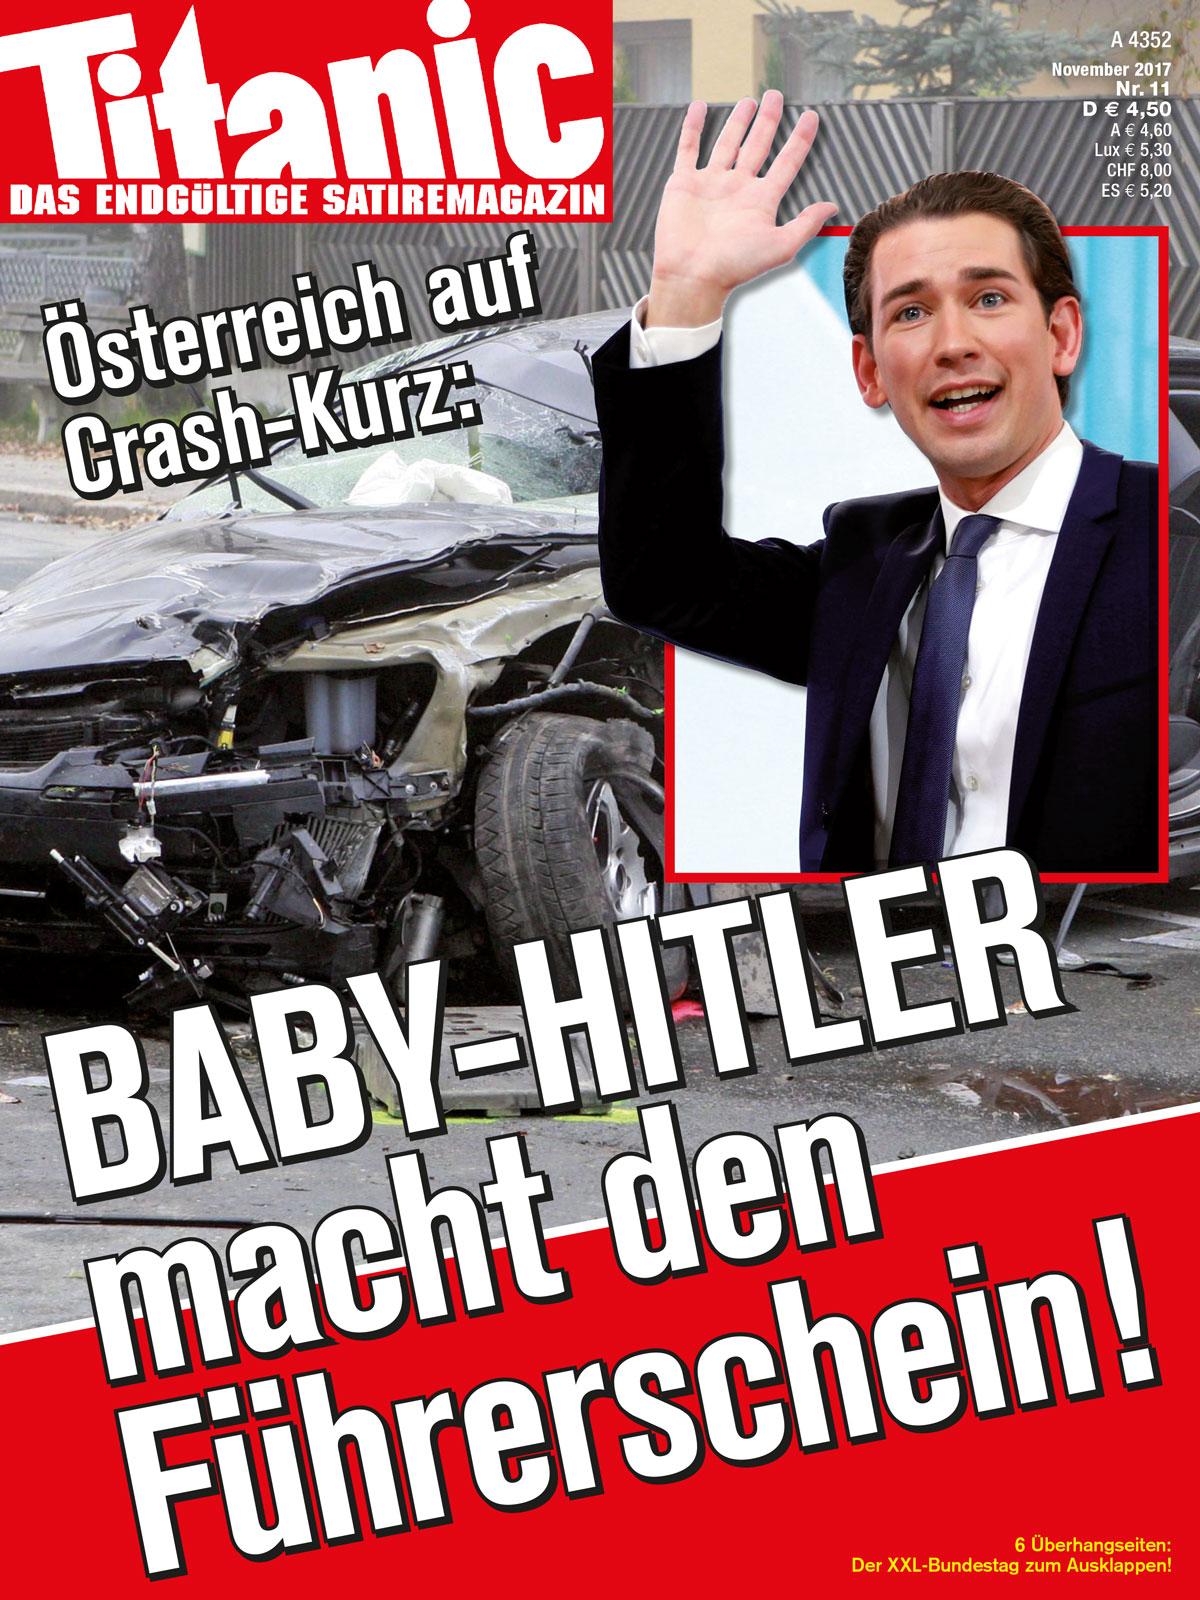 Osterreich Auf Crash Kurz Baby Hitler Macht Den Fuhrerschein 11